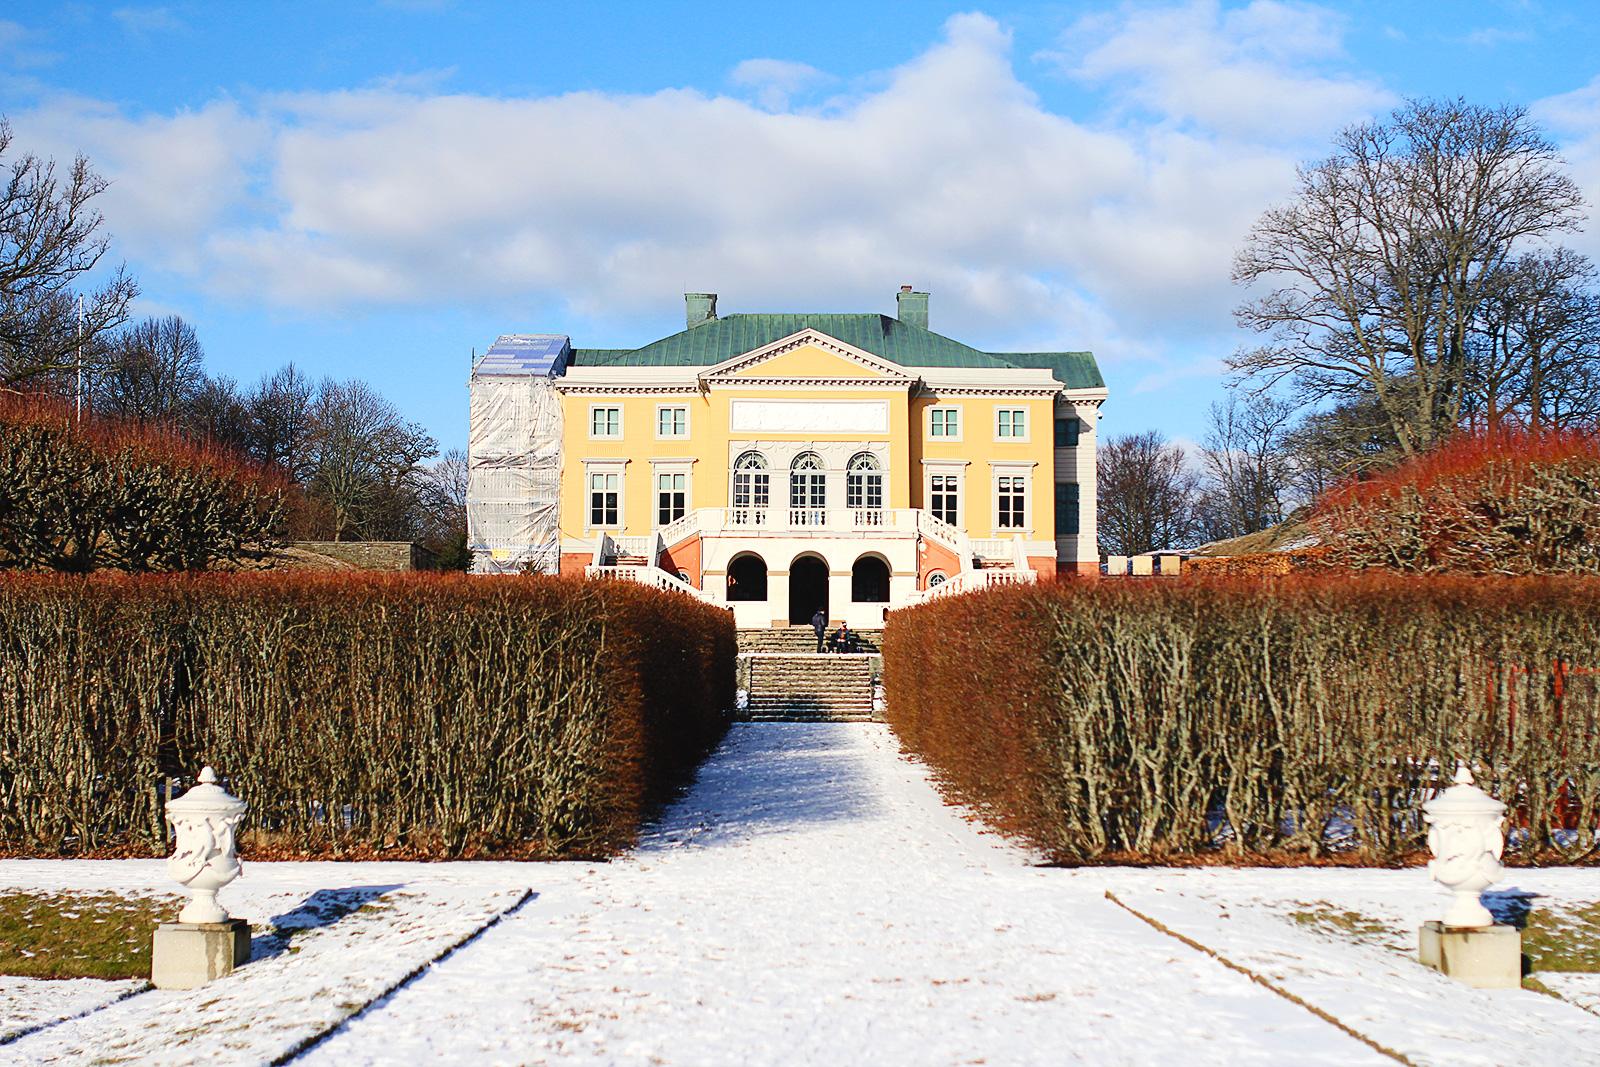 gunnebo-slott-05